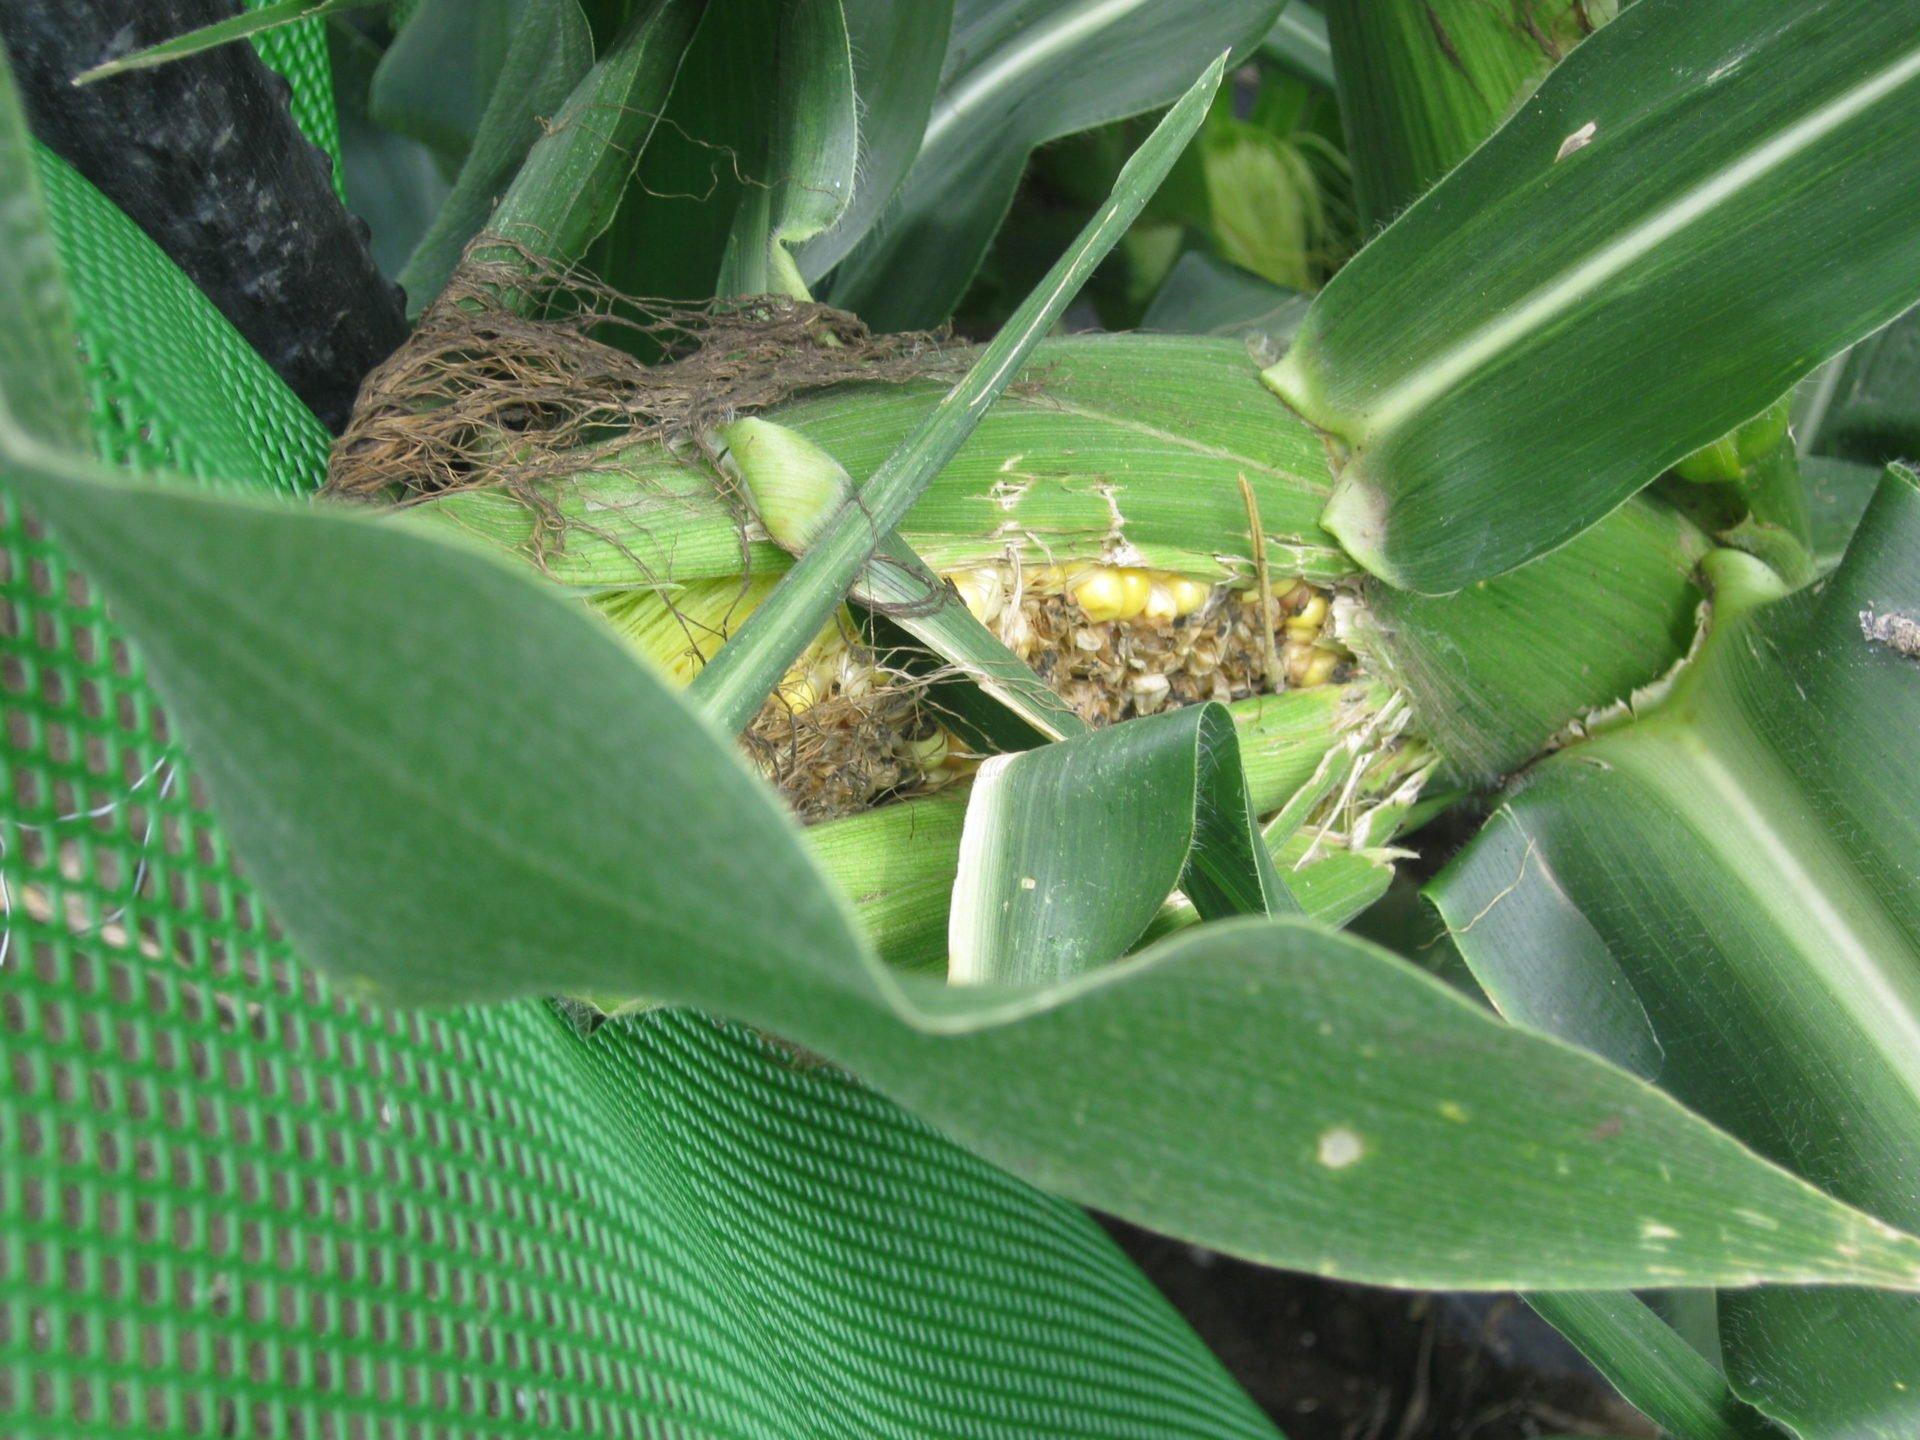 トウモロコシの害虫を駆除するために農薬を散布